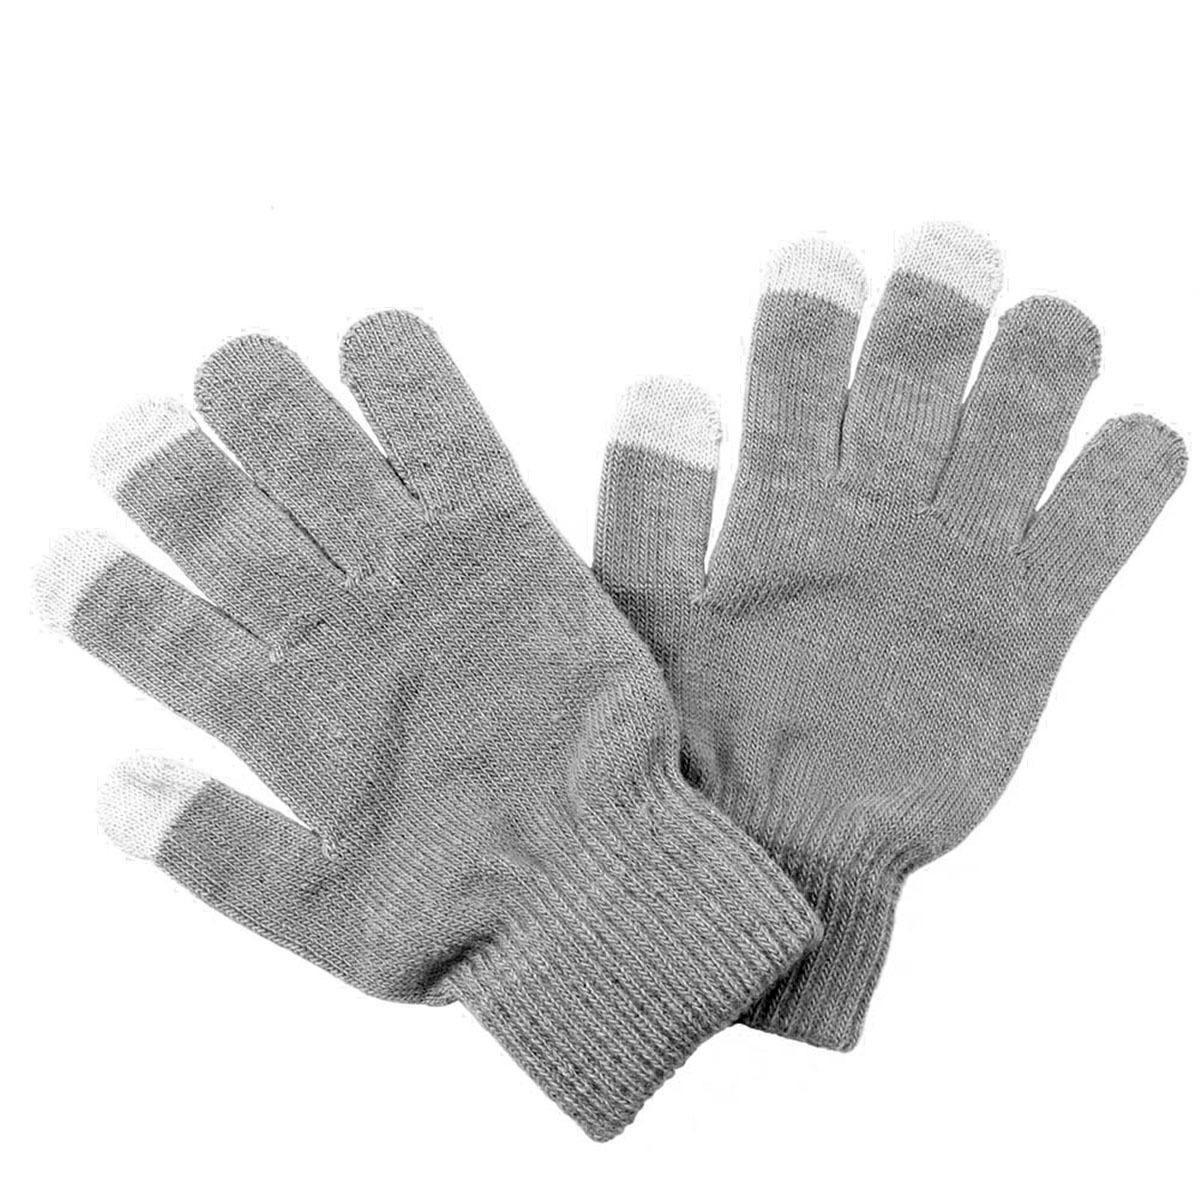 d84e03c954e Guantes Para Celular Pantallas Táctiles Febo - $ 90,00 en Mercado Libre